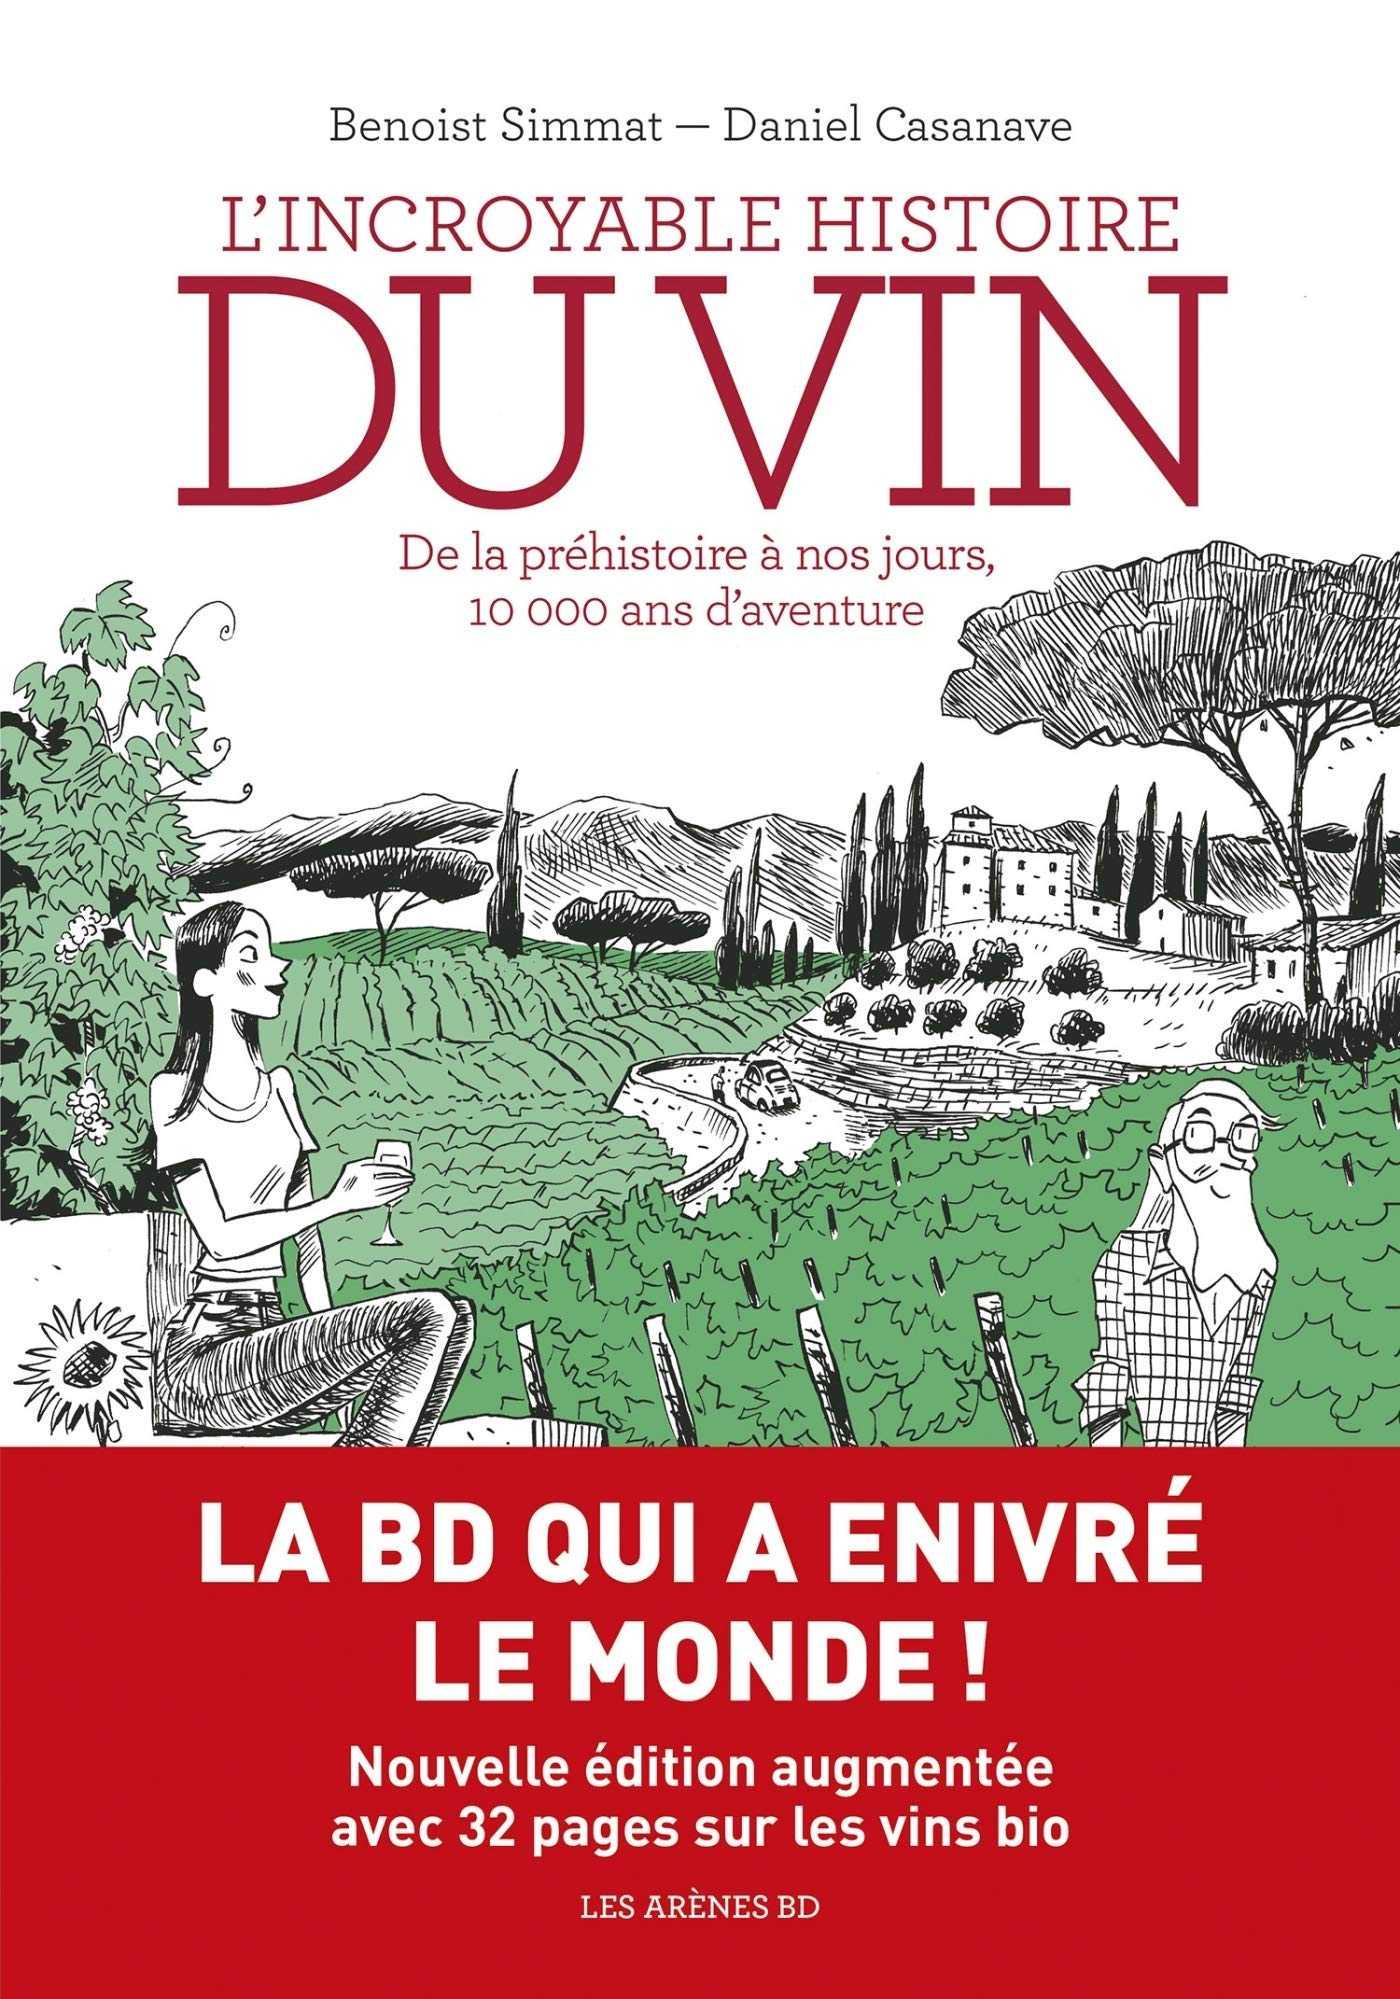 L'Incroyable histoire du vin, une nouvelle édition très bio